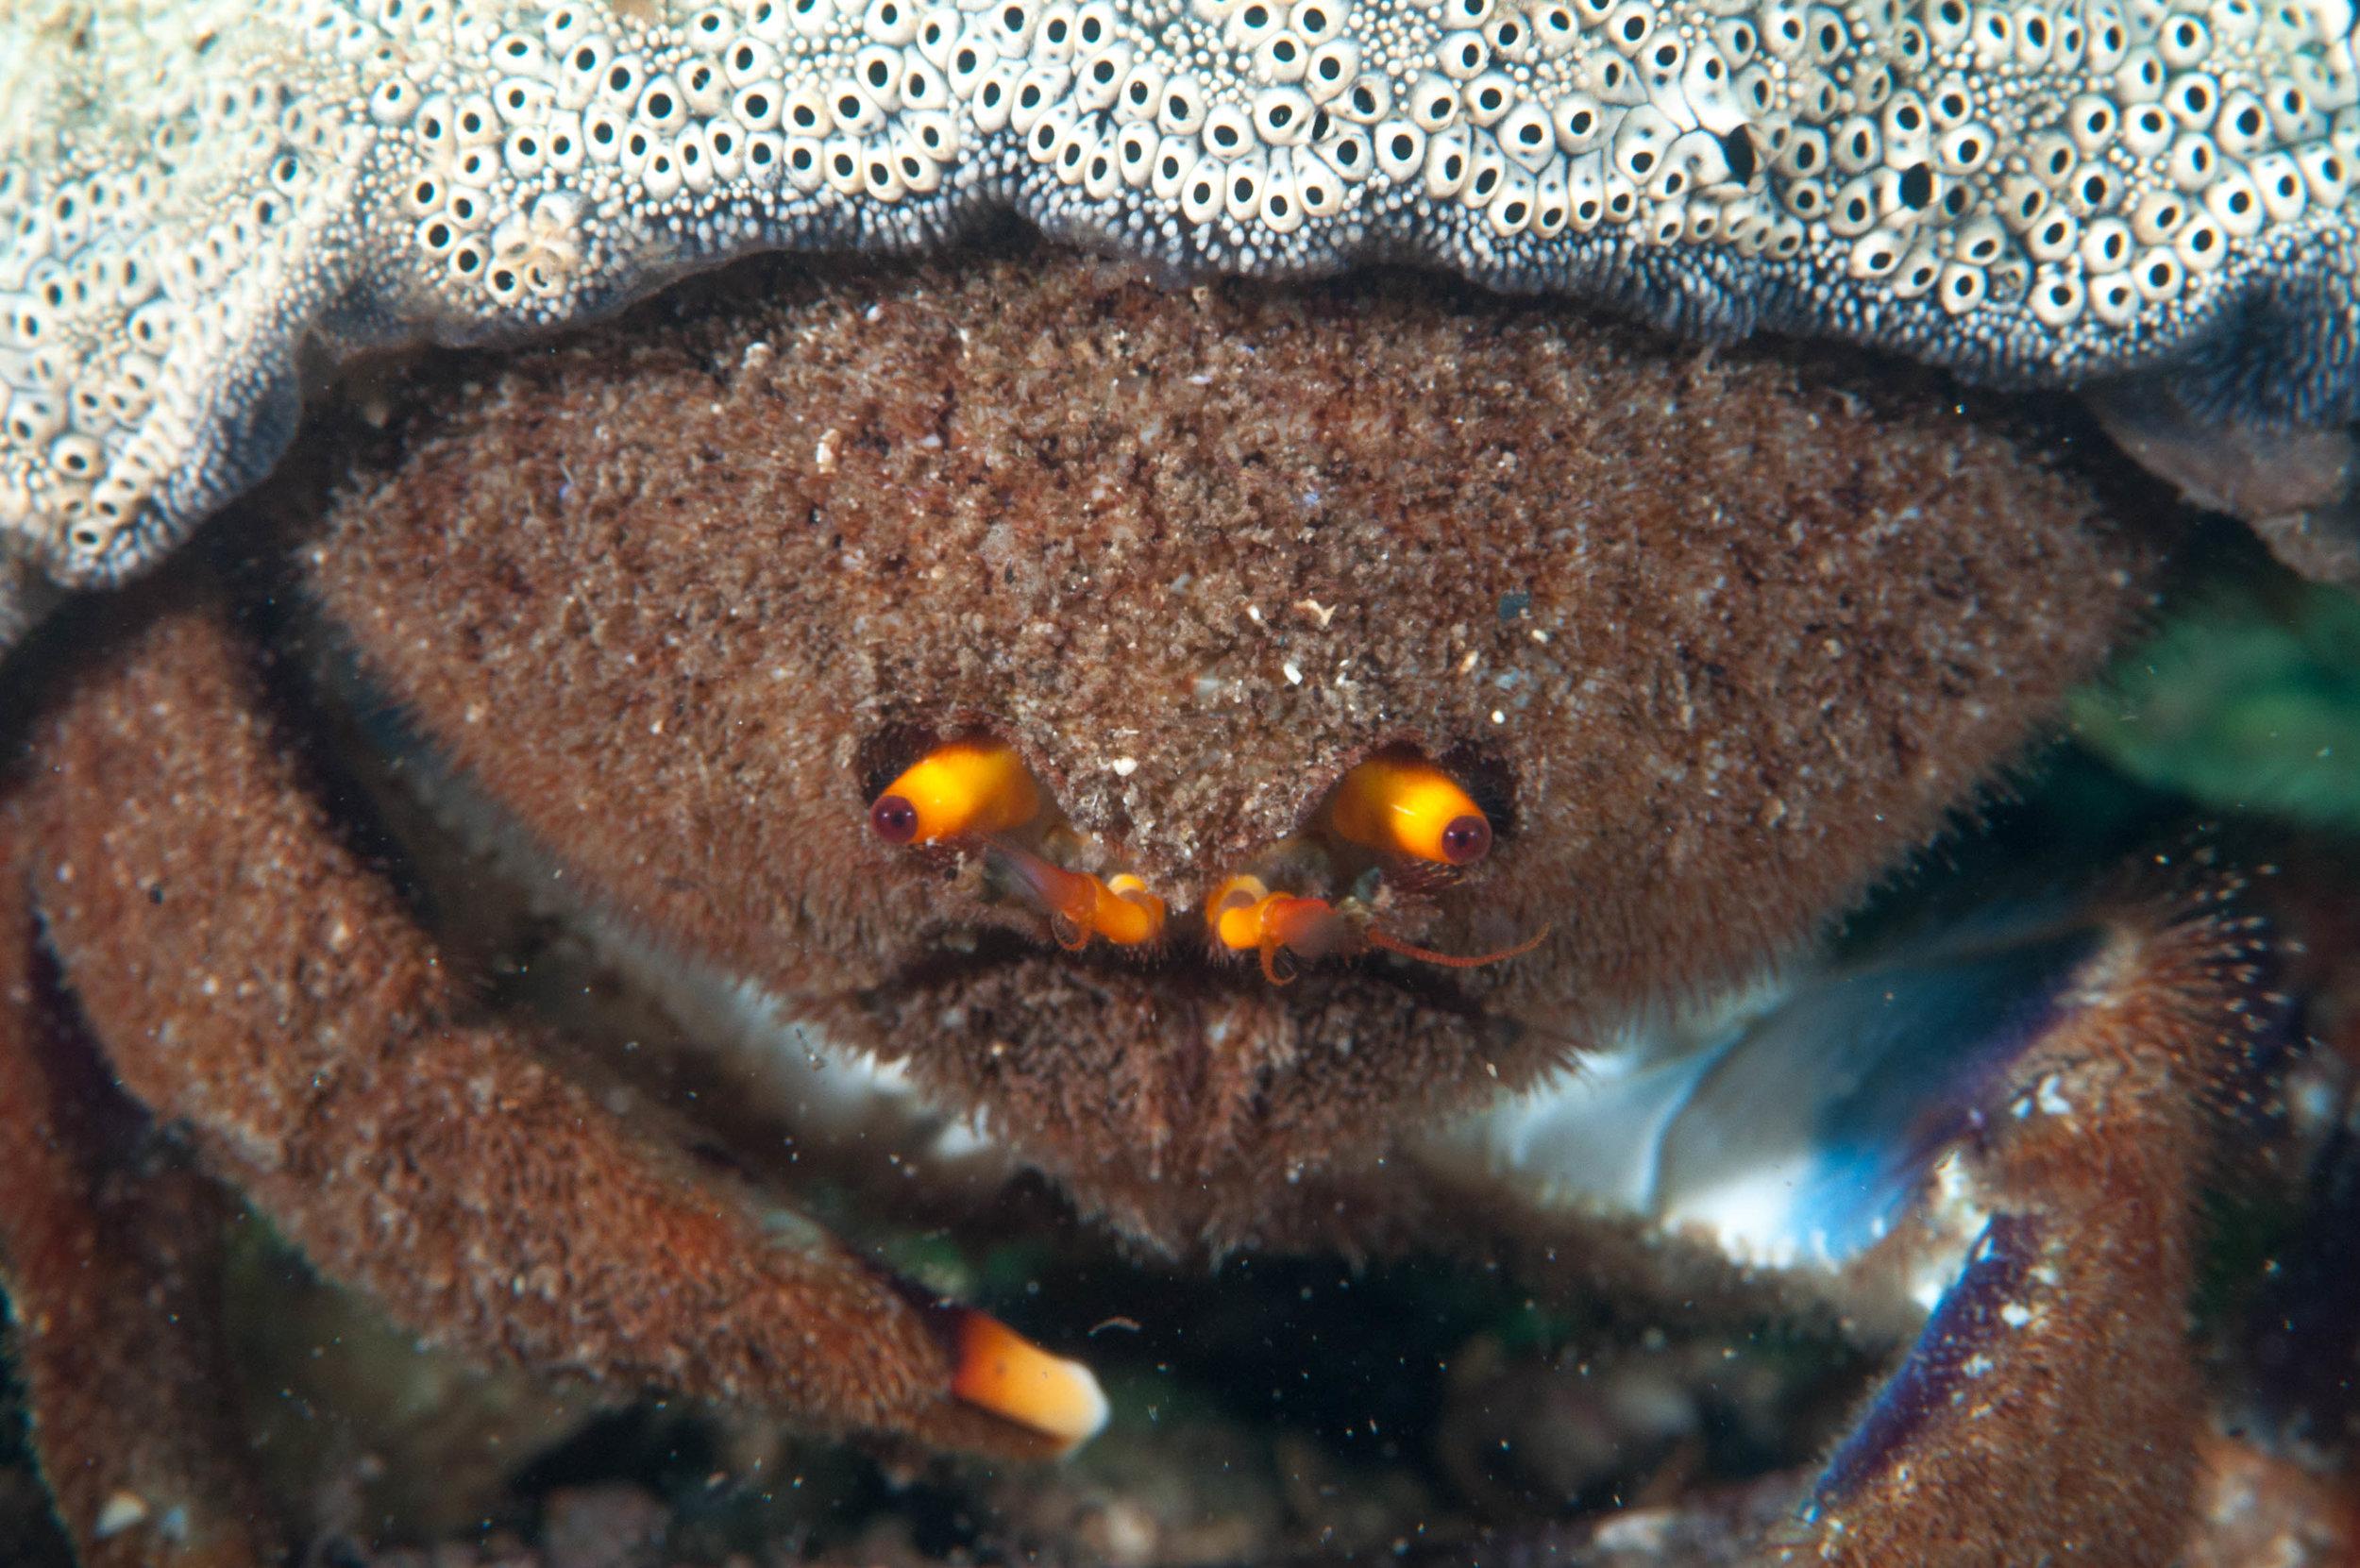 Sponge crab (austrodomidia octodentata)